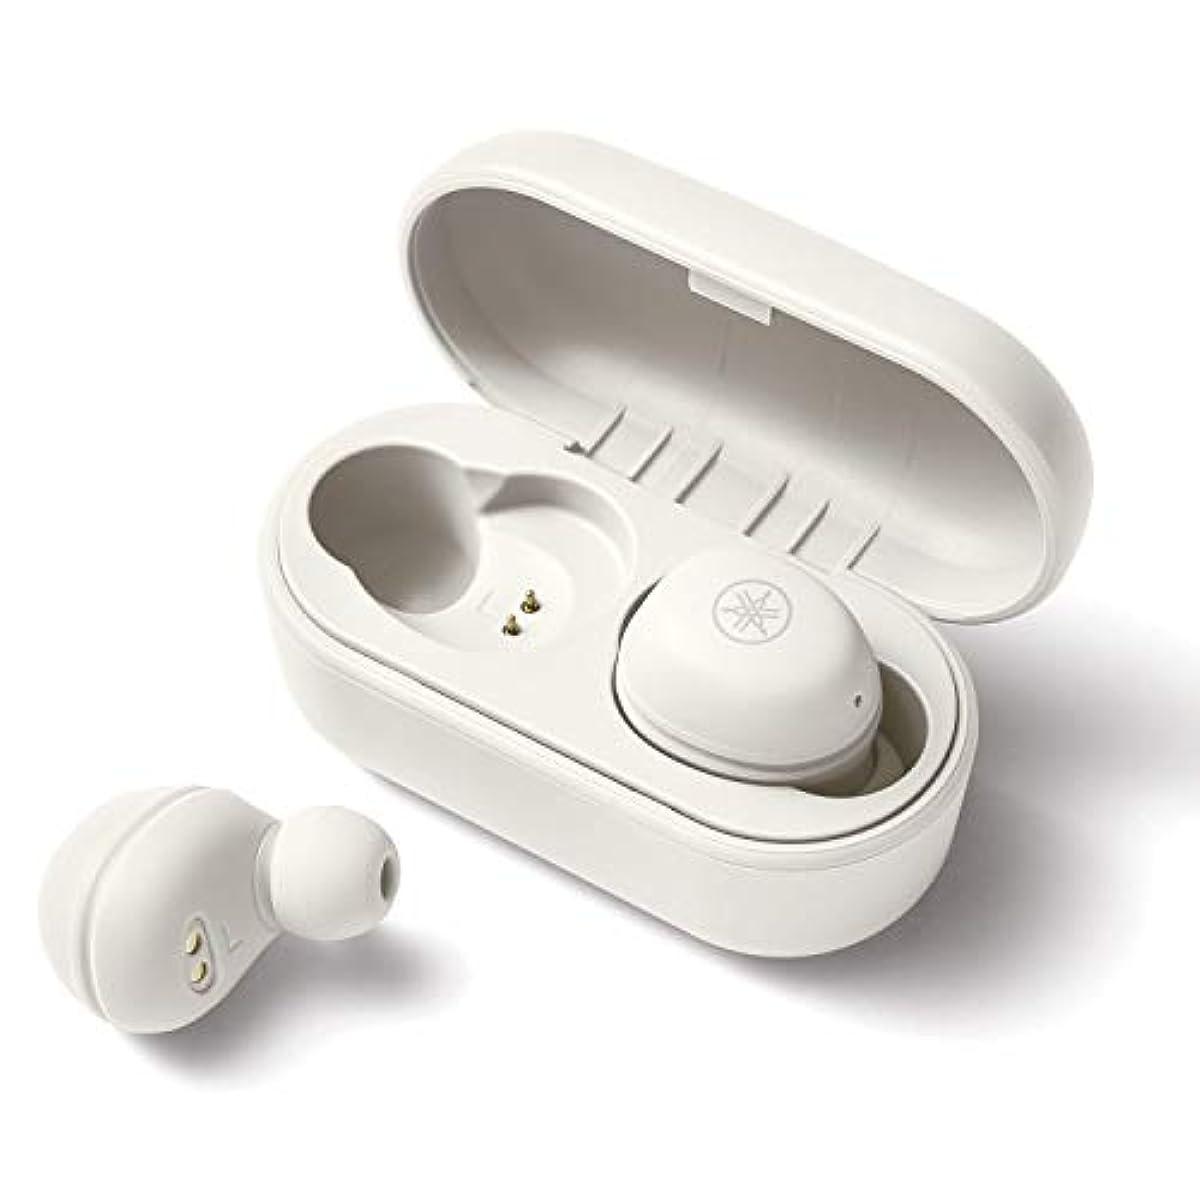 [해외] 야마하 완전 wireless 이어폰 TW-E3A(W) : 리스닝 케어 /BLUETOOTH /최대6+18시건 재생 /생활 방수IPX5상당 /전용 어플케이션 대응 /AACAPTX대응 /마이크 탑재 화이트